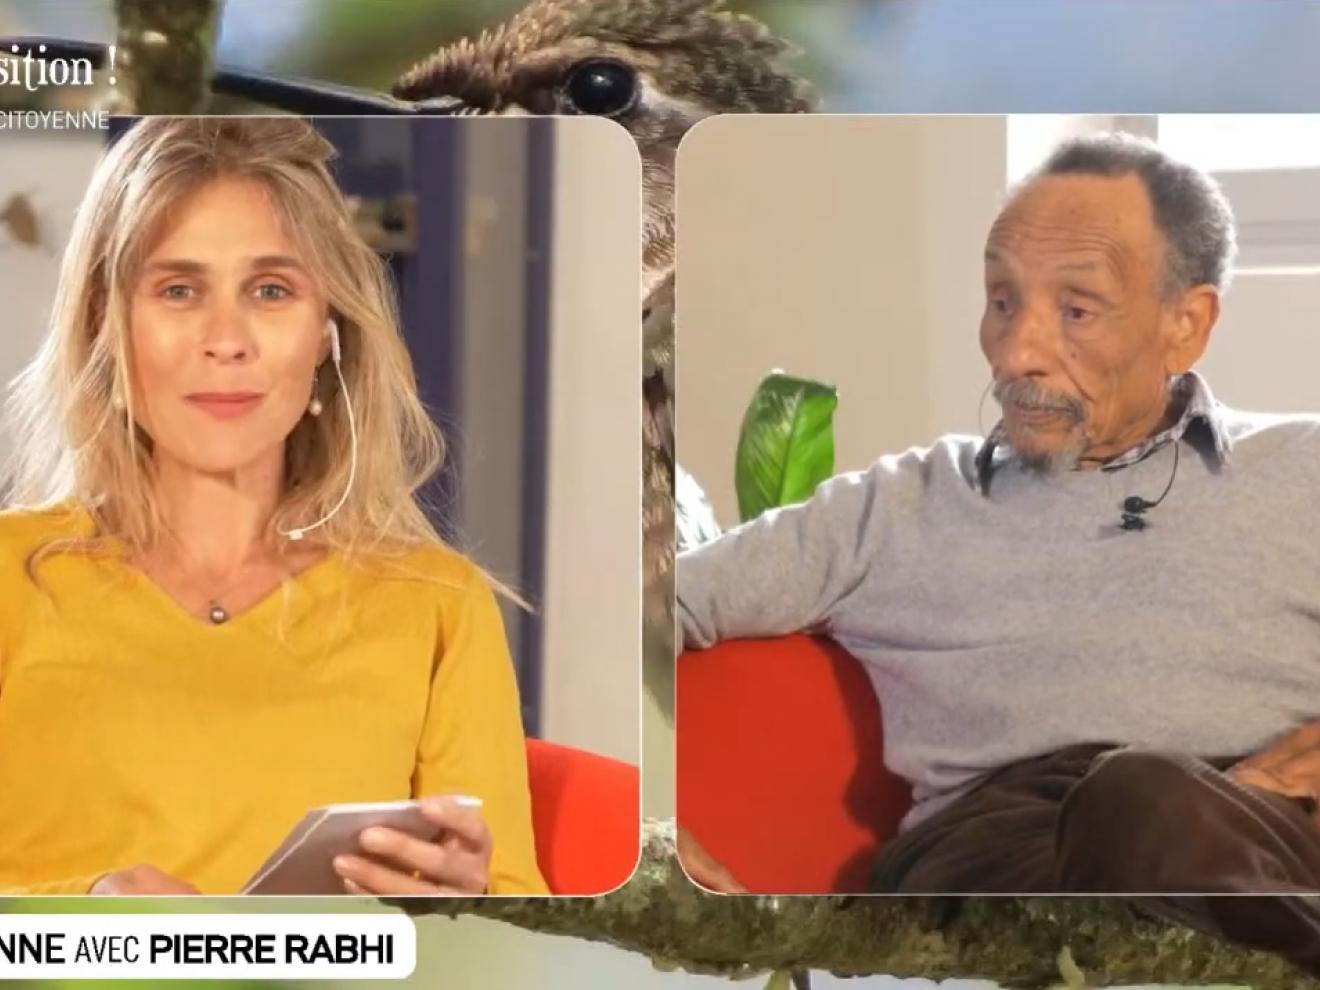 Le Web Sonne avec Pierre Rabhi